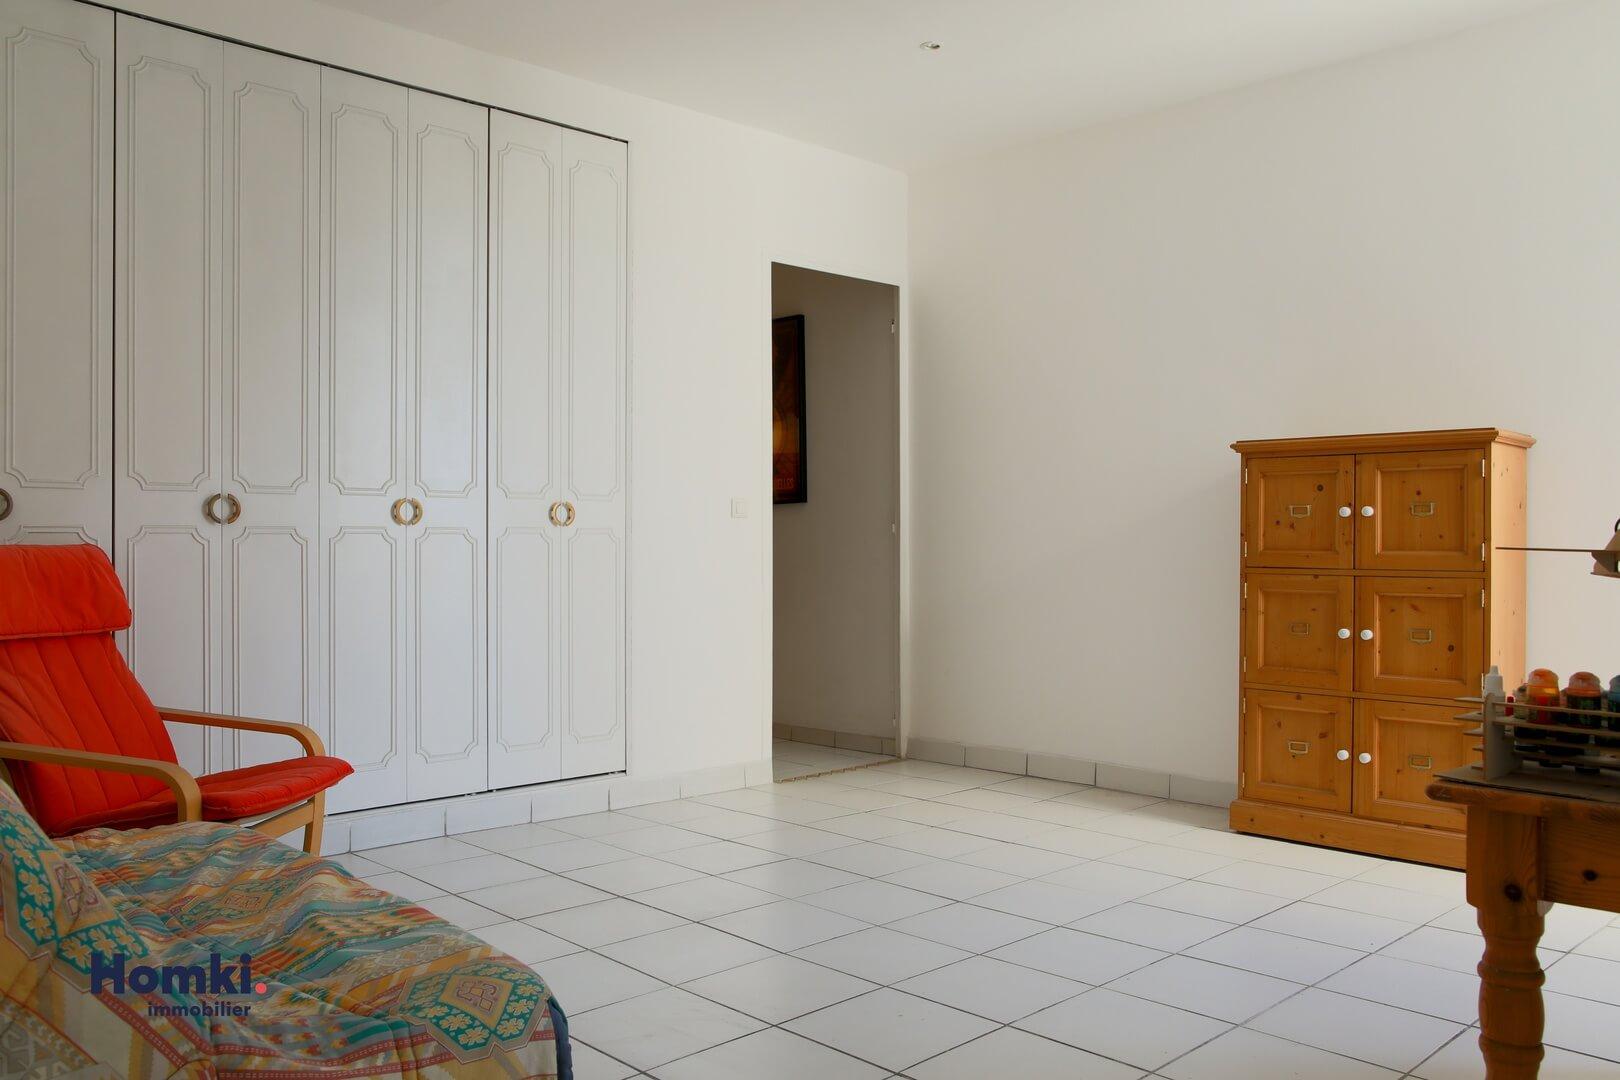 Homki - Vente Appartement  de 87.0 m² à Marseille 13006